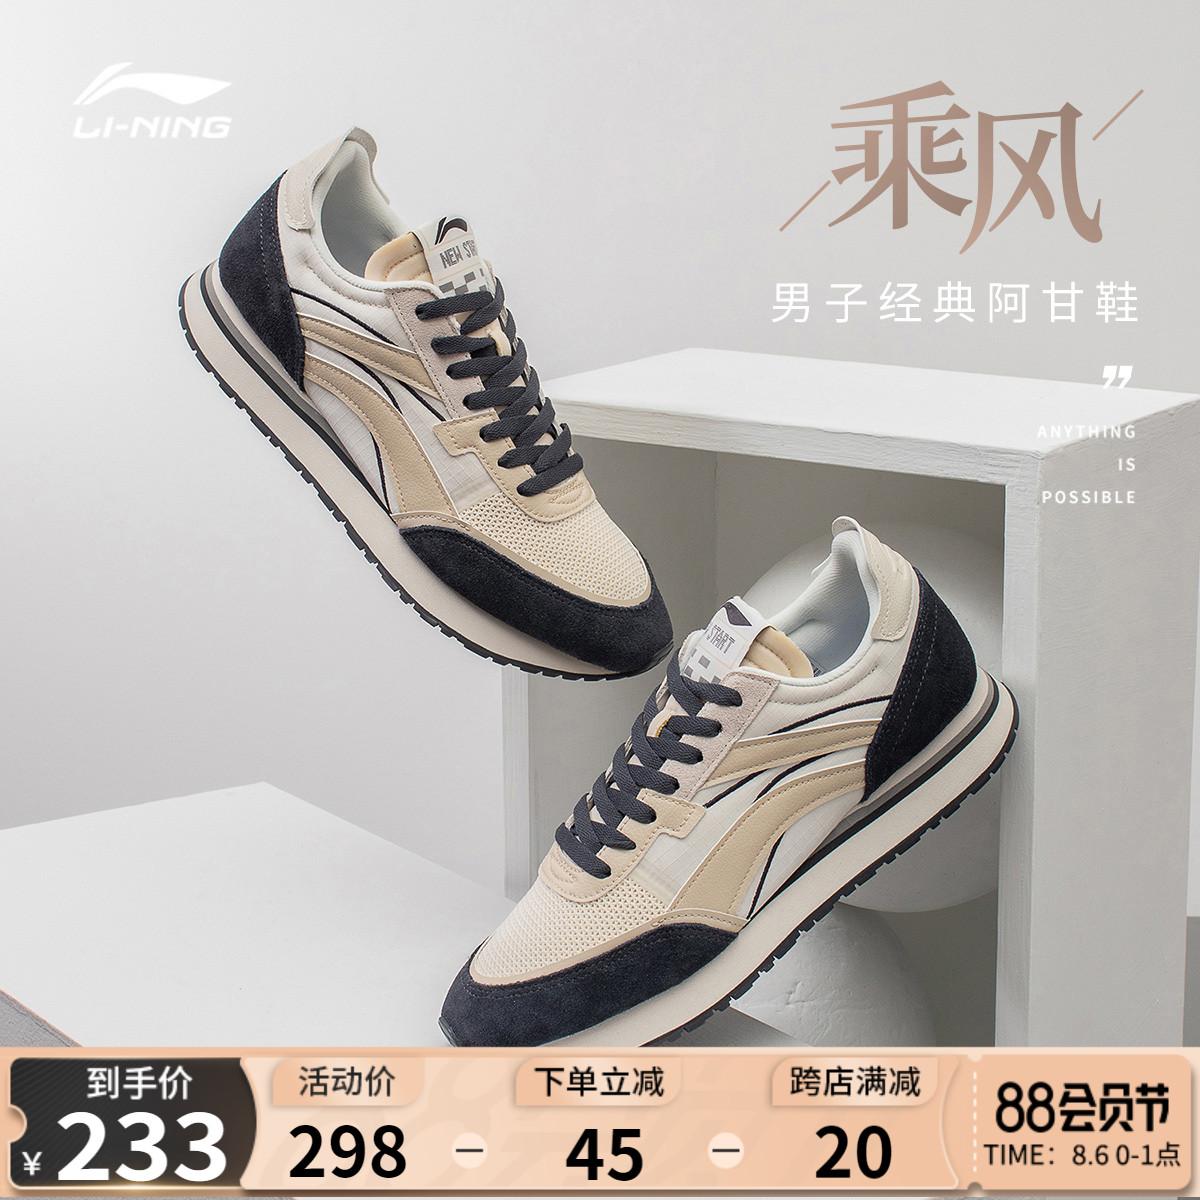 李宁休闲鞋男鞋乘风2021夏季透气情侣鞋子厚底运动鞋女阿甘鞋女鞋